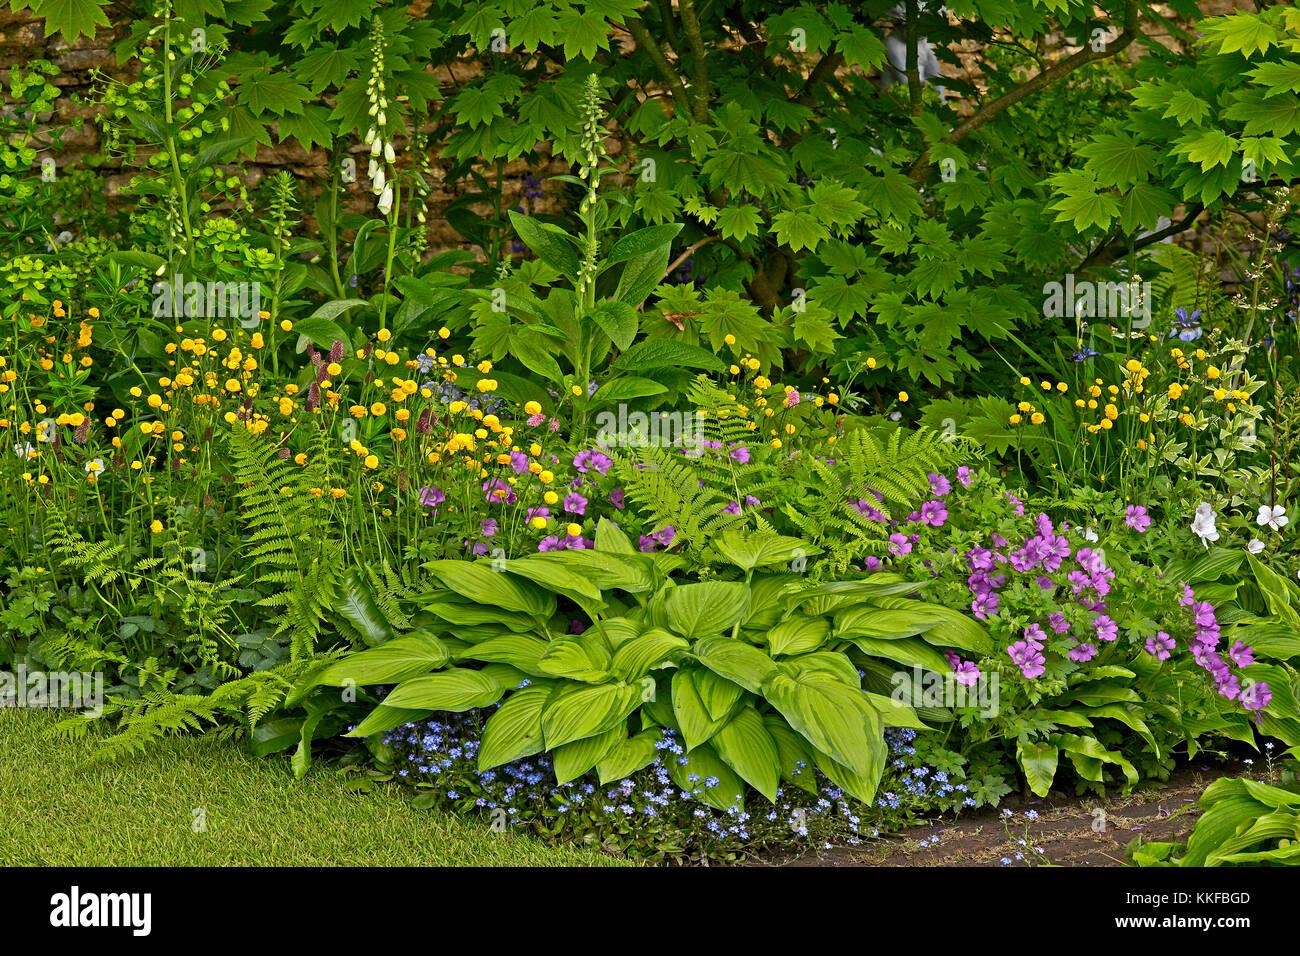 Hostas And Ferns Stockfotos & Hostas And Ferns Bilder - Alamy